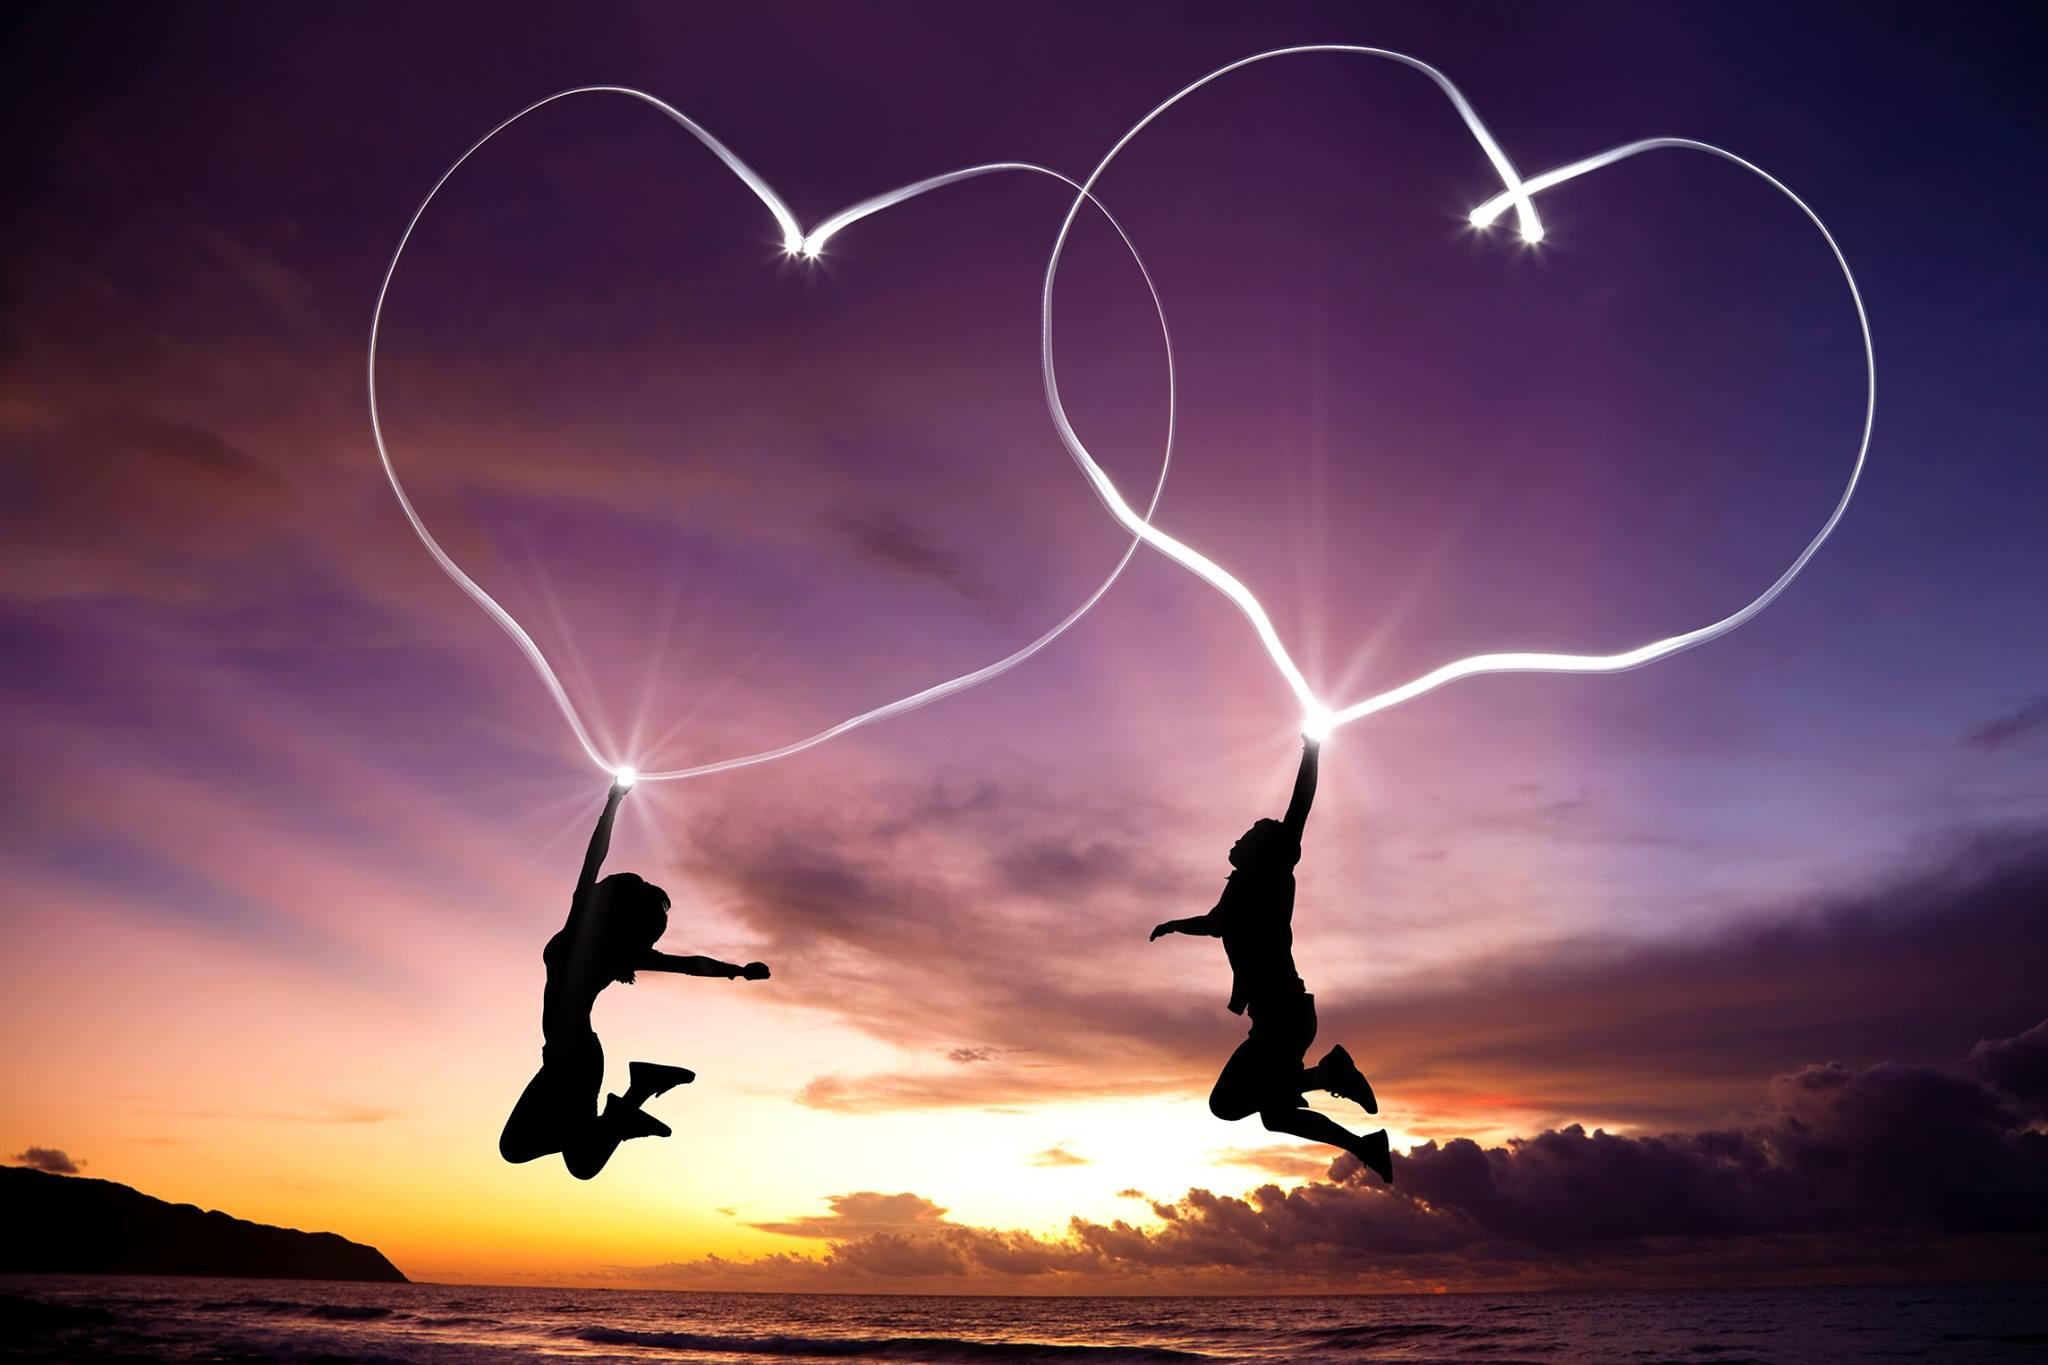 بالصور صورة بنات واولاد حب , خلفيات رومانسية جدا 4539 7